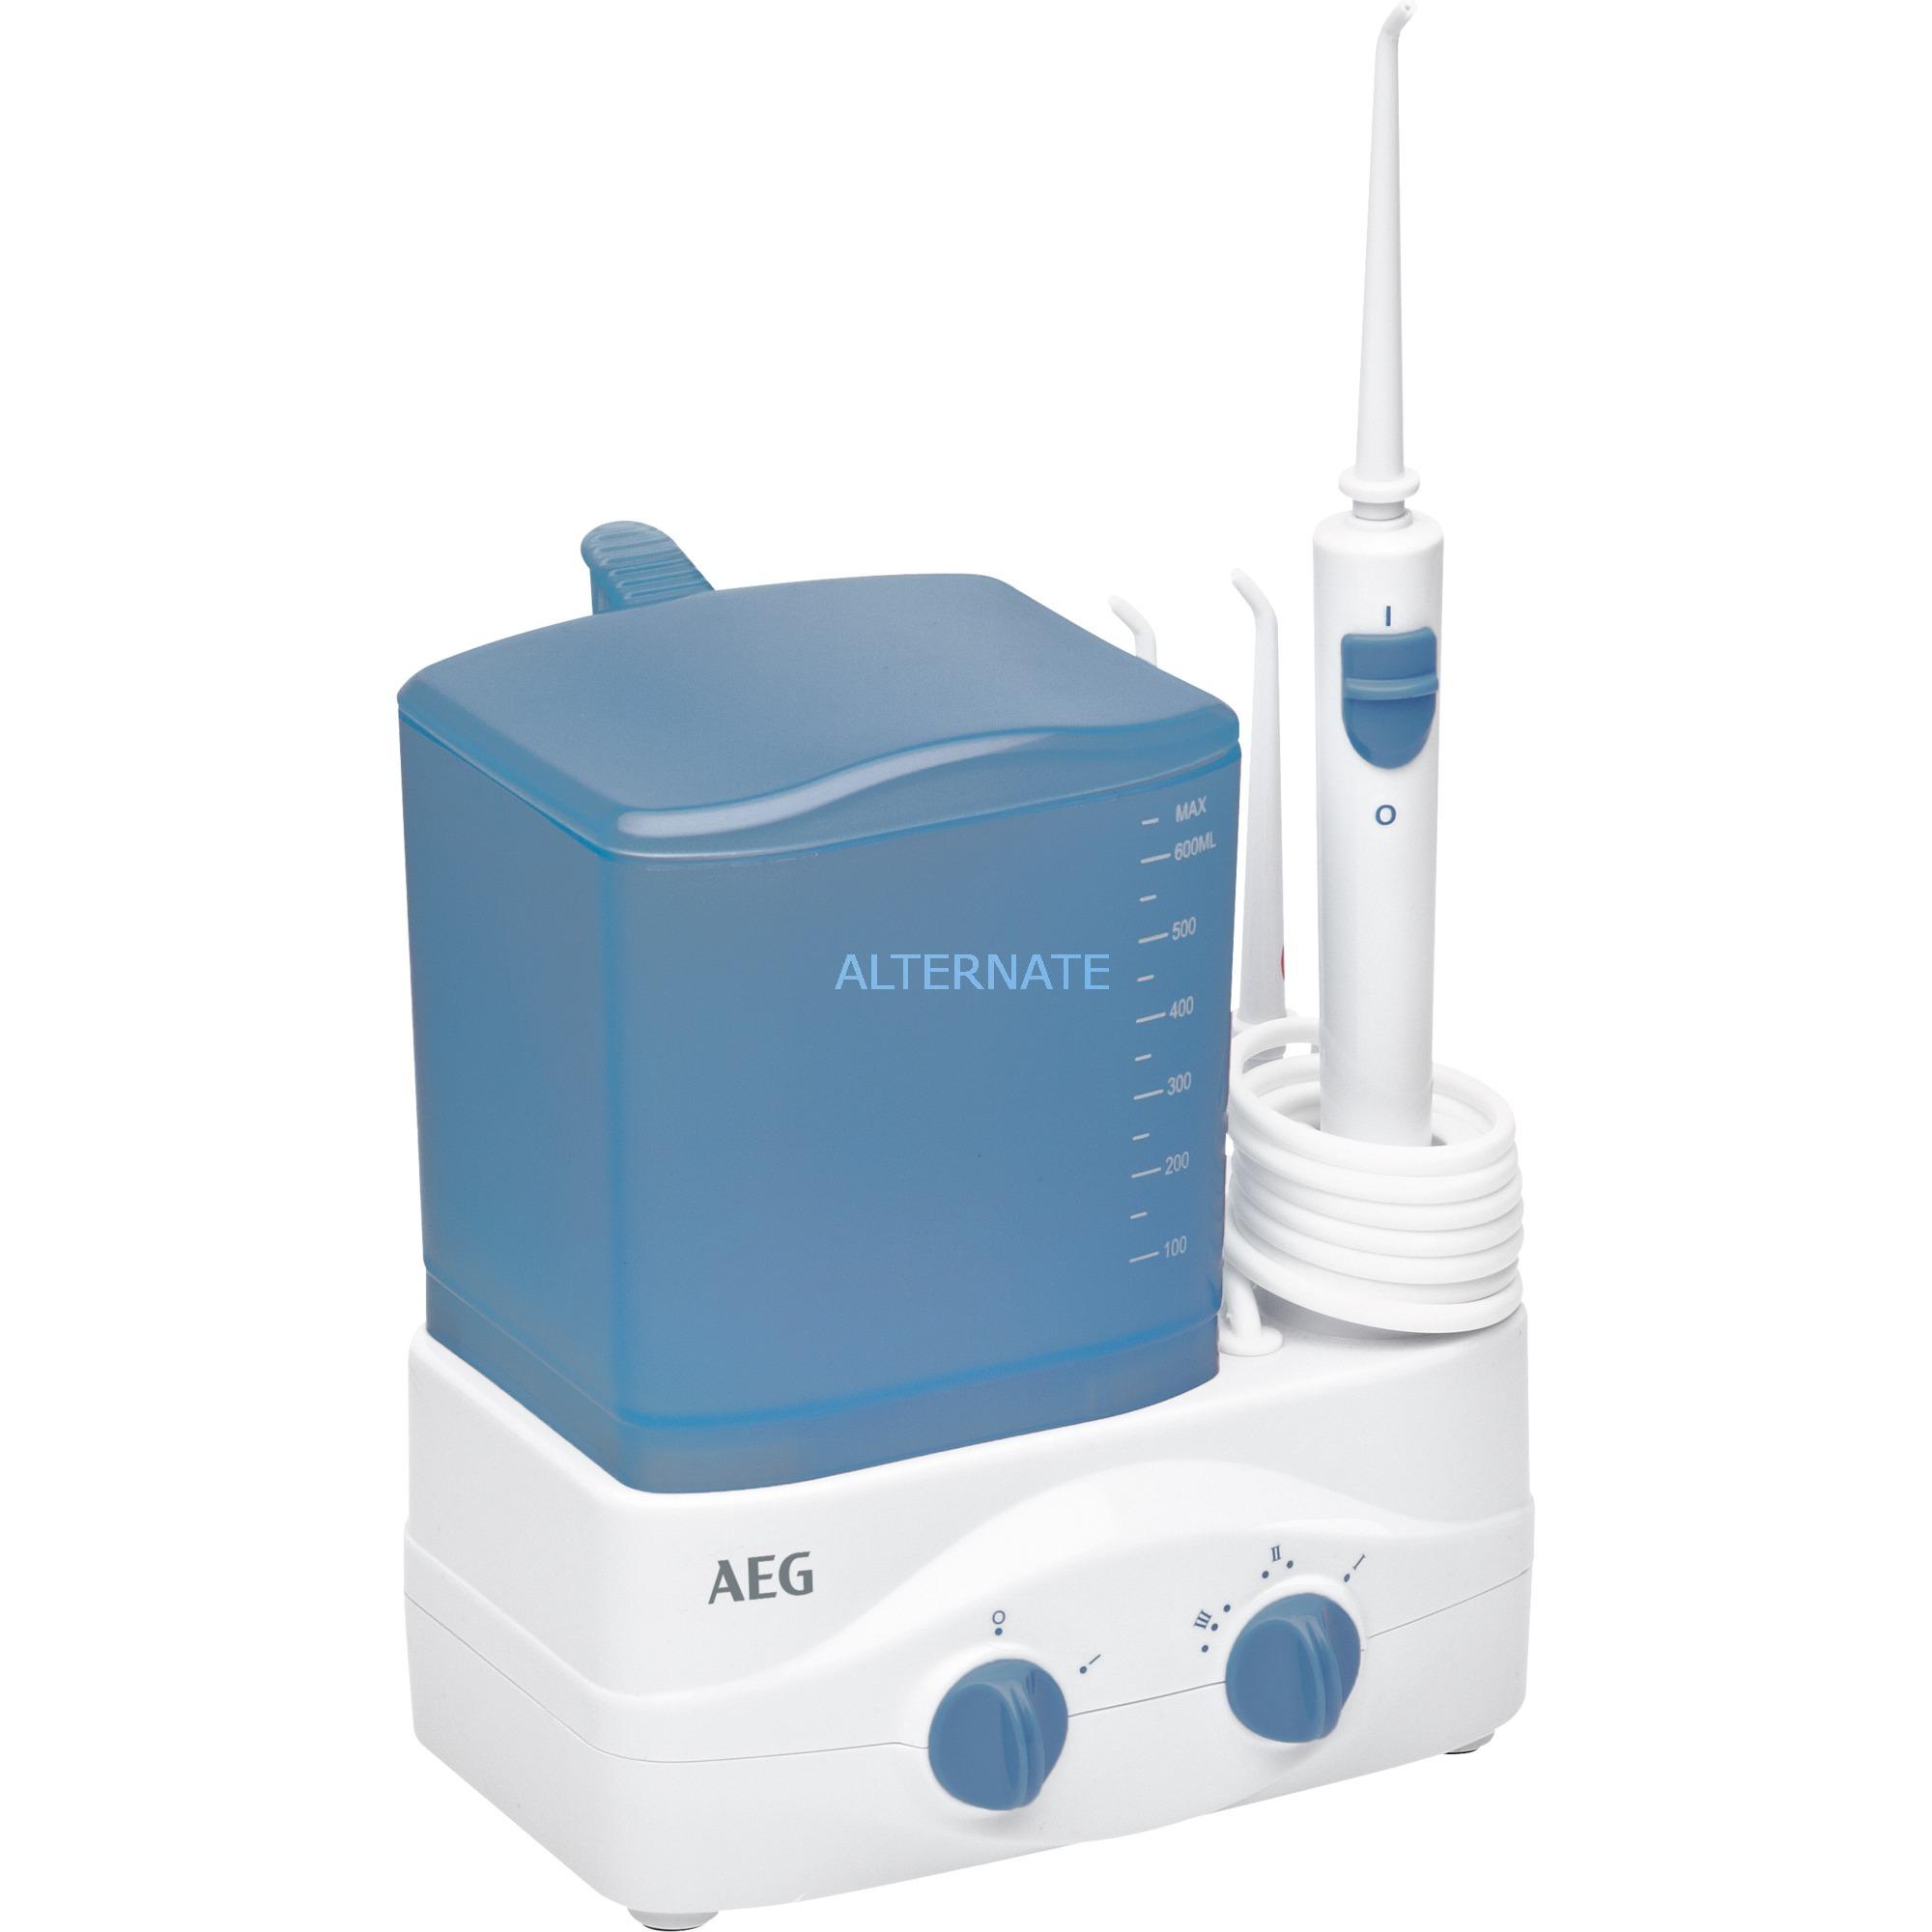 MD 5613 0.65L irrigador oral, Limpieza bucal